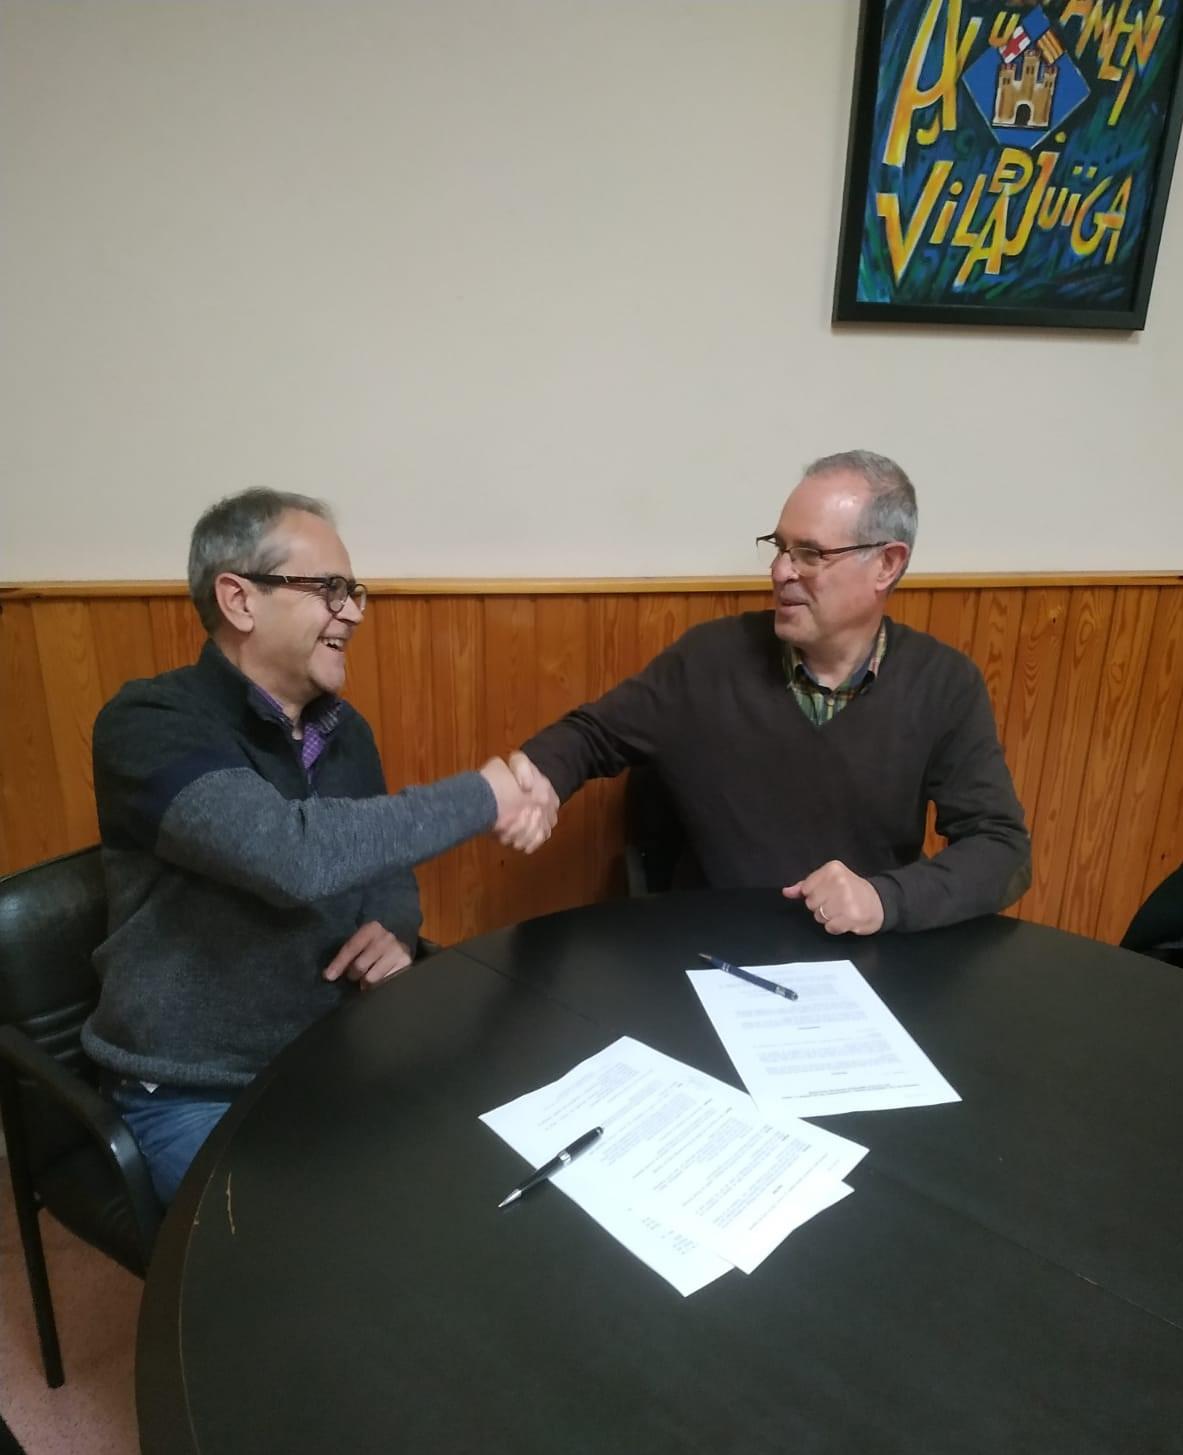 Pedret i Marzà col·laborarà amb les despeses de l'escola Santiago Ratés de Vilajuïga